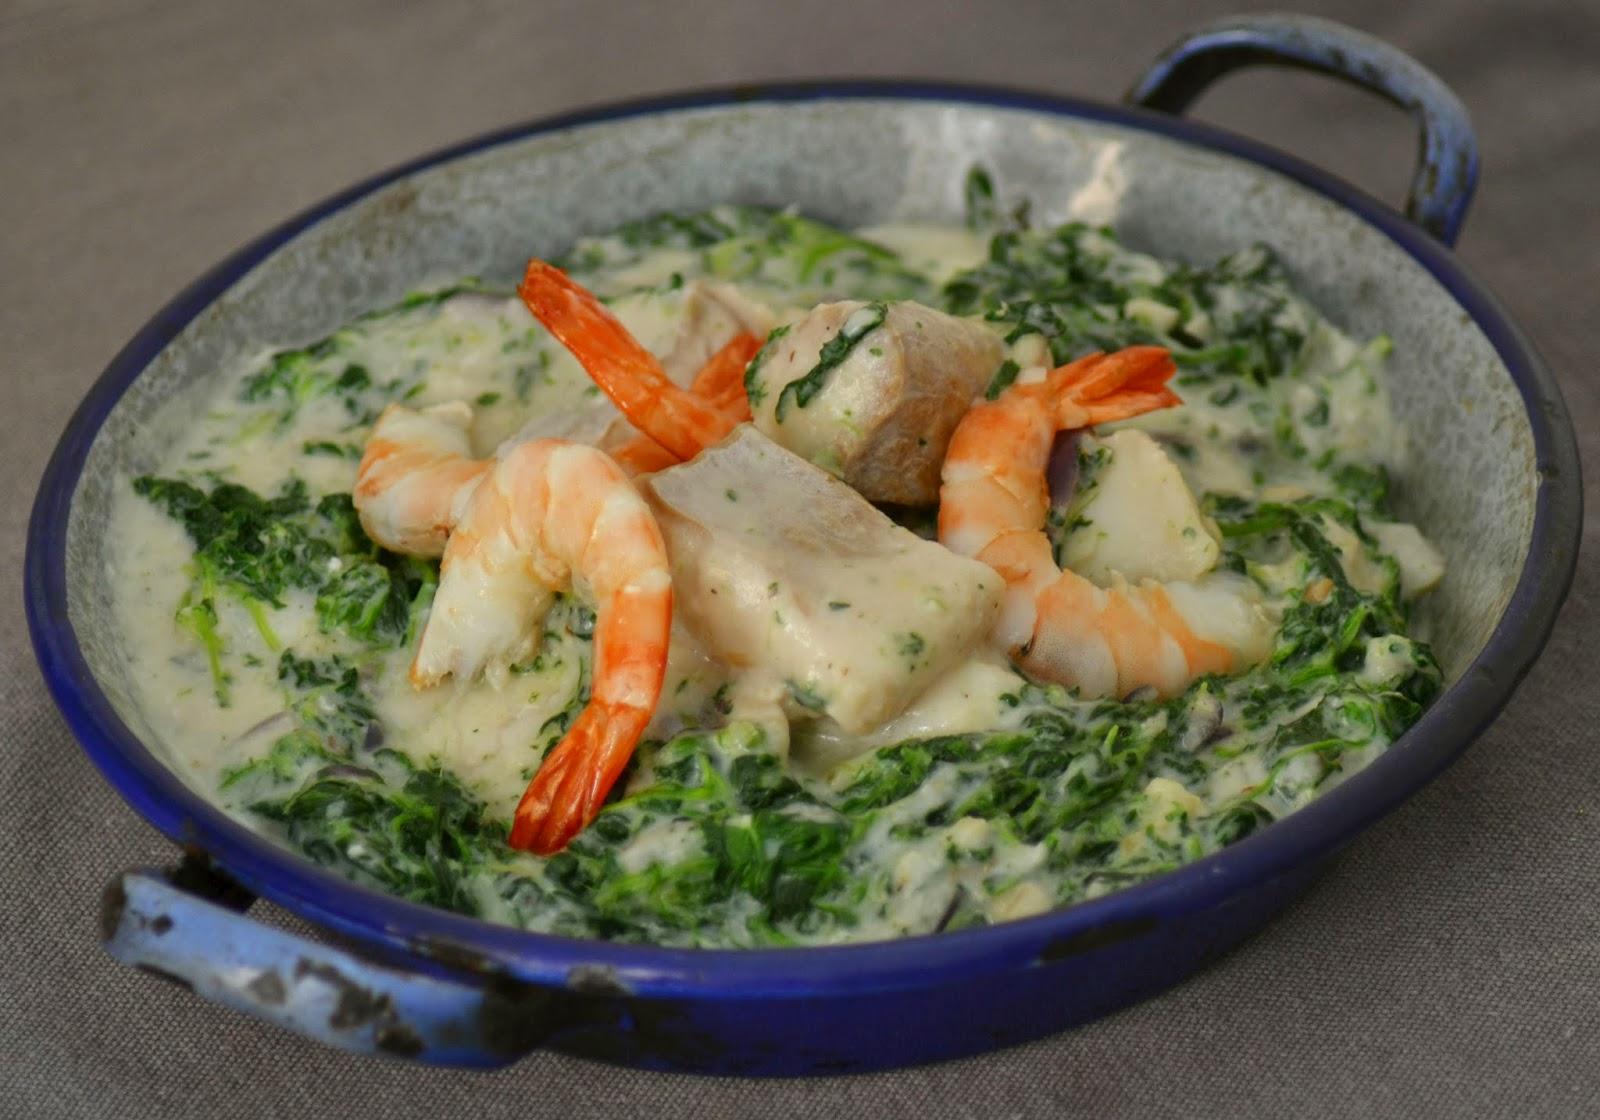 Vispannetje met witvis, garnalen en spinazie